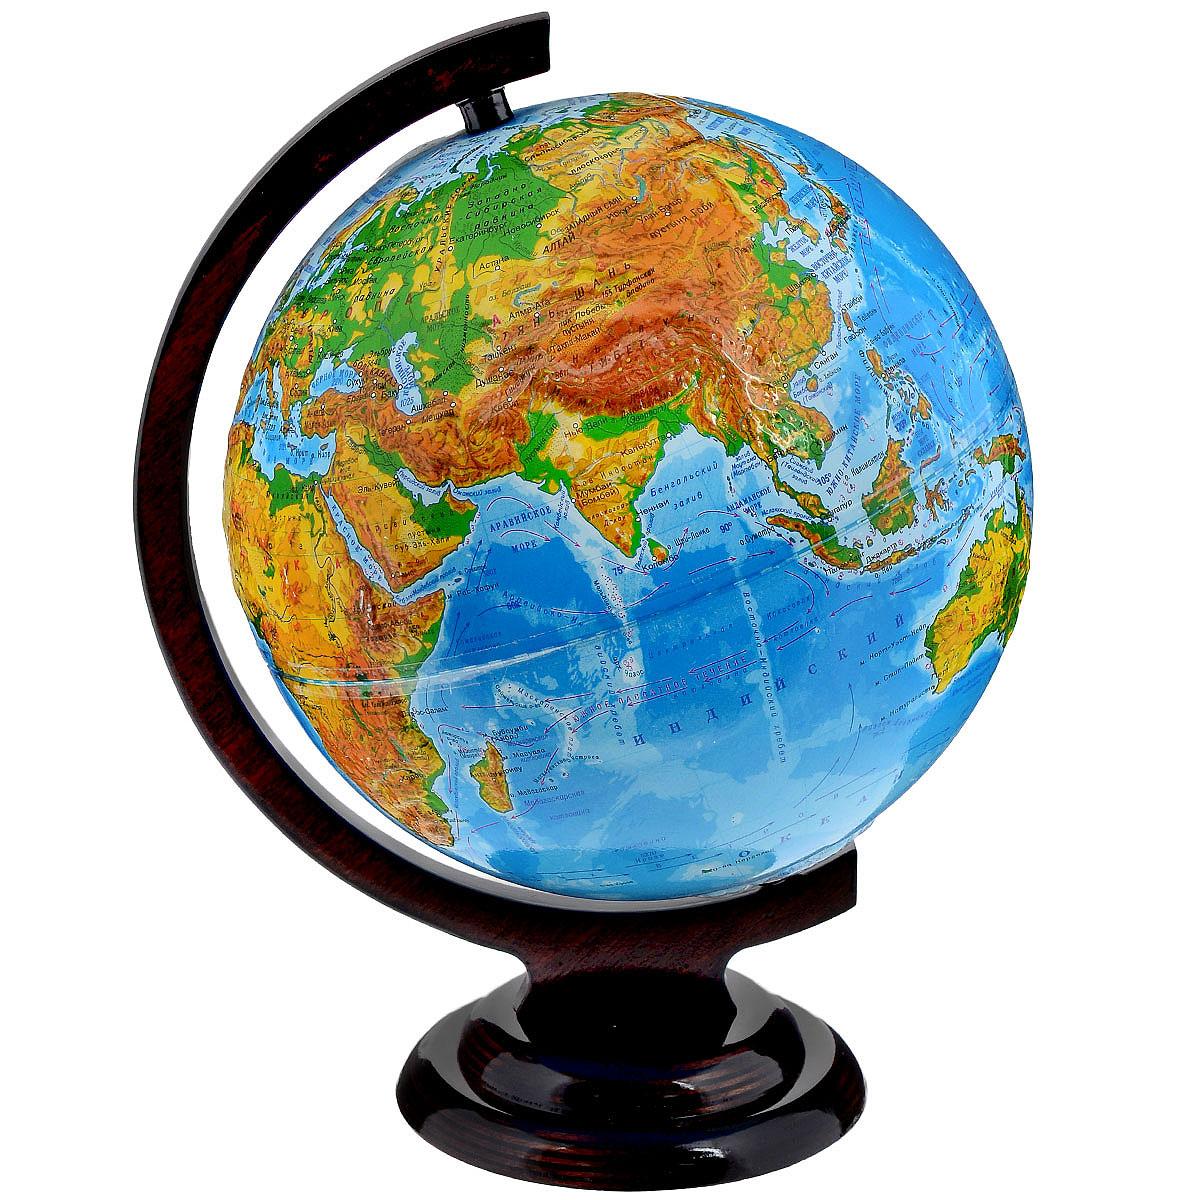 Глобусный мир Глобус с физической картой, рельефный, диаметр 25 см, на деревянной подставкеFS-00897Географический глобус с физической картой мира станет незаменимым атрибутом обучения не только школьника, но и студента. На глобусе отображены линии картографической сетки, гидрографическая сеть, рельеф суши и морского дна, крупнейшие населенные пункты, теплые и холодные течения. Глобус является уменьшенной и практически не искаженной моделью Земли и предназначен для использования в качестве наглядного картографического пособия, а также для украшения интерьера квартир, кабинетов и офисов. Красочность, повышенная наглядность визуального восприятия взаимосвязей, отображенных на глобусе объектов и явлений, в сочетании с простотой выполнения по нему различных измерений делают глобус доступным широкому кругу потребителей для получения разнообразной познавательной, научной и справочной информации о Земле. Масштаб: 1:50000000.